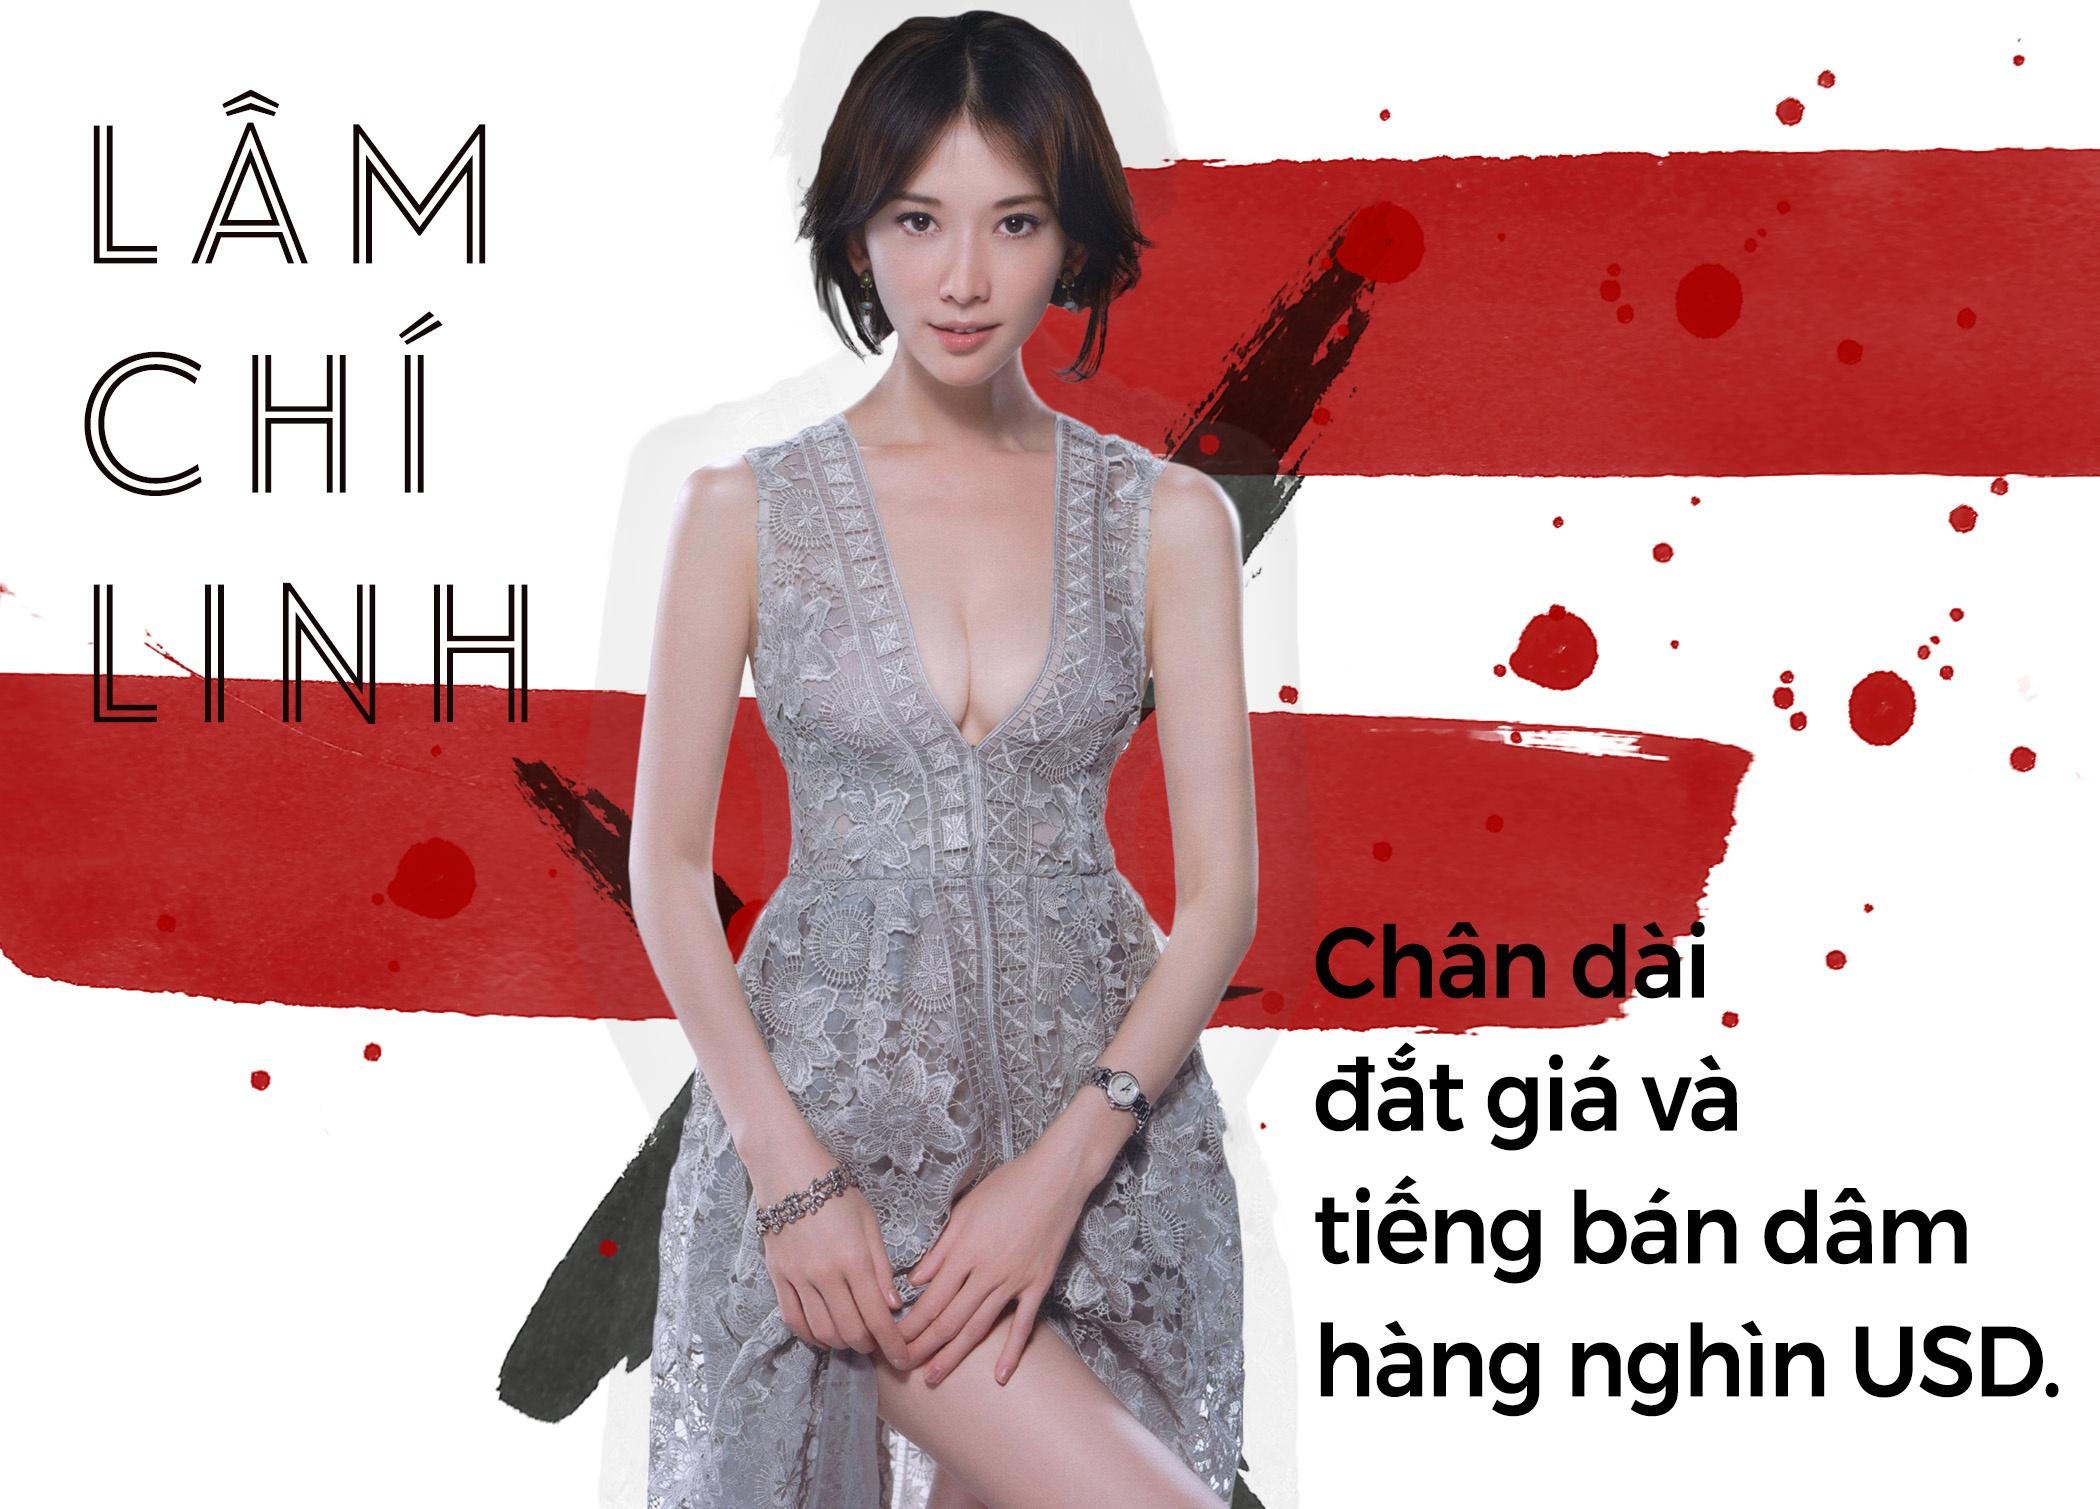 Lam Chi Linh: Hoa hau than thien hay chan dai ban dam nghin USD? hinh anh 1